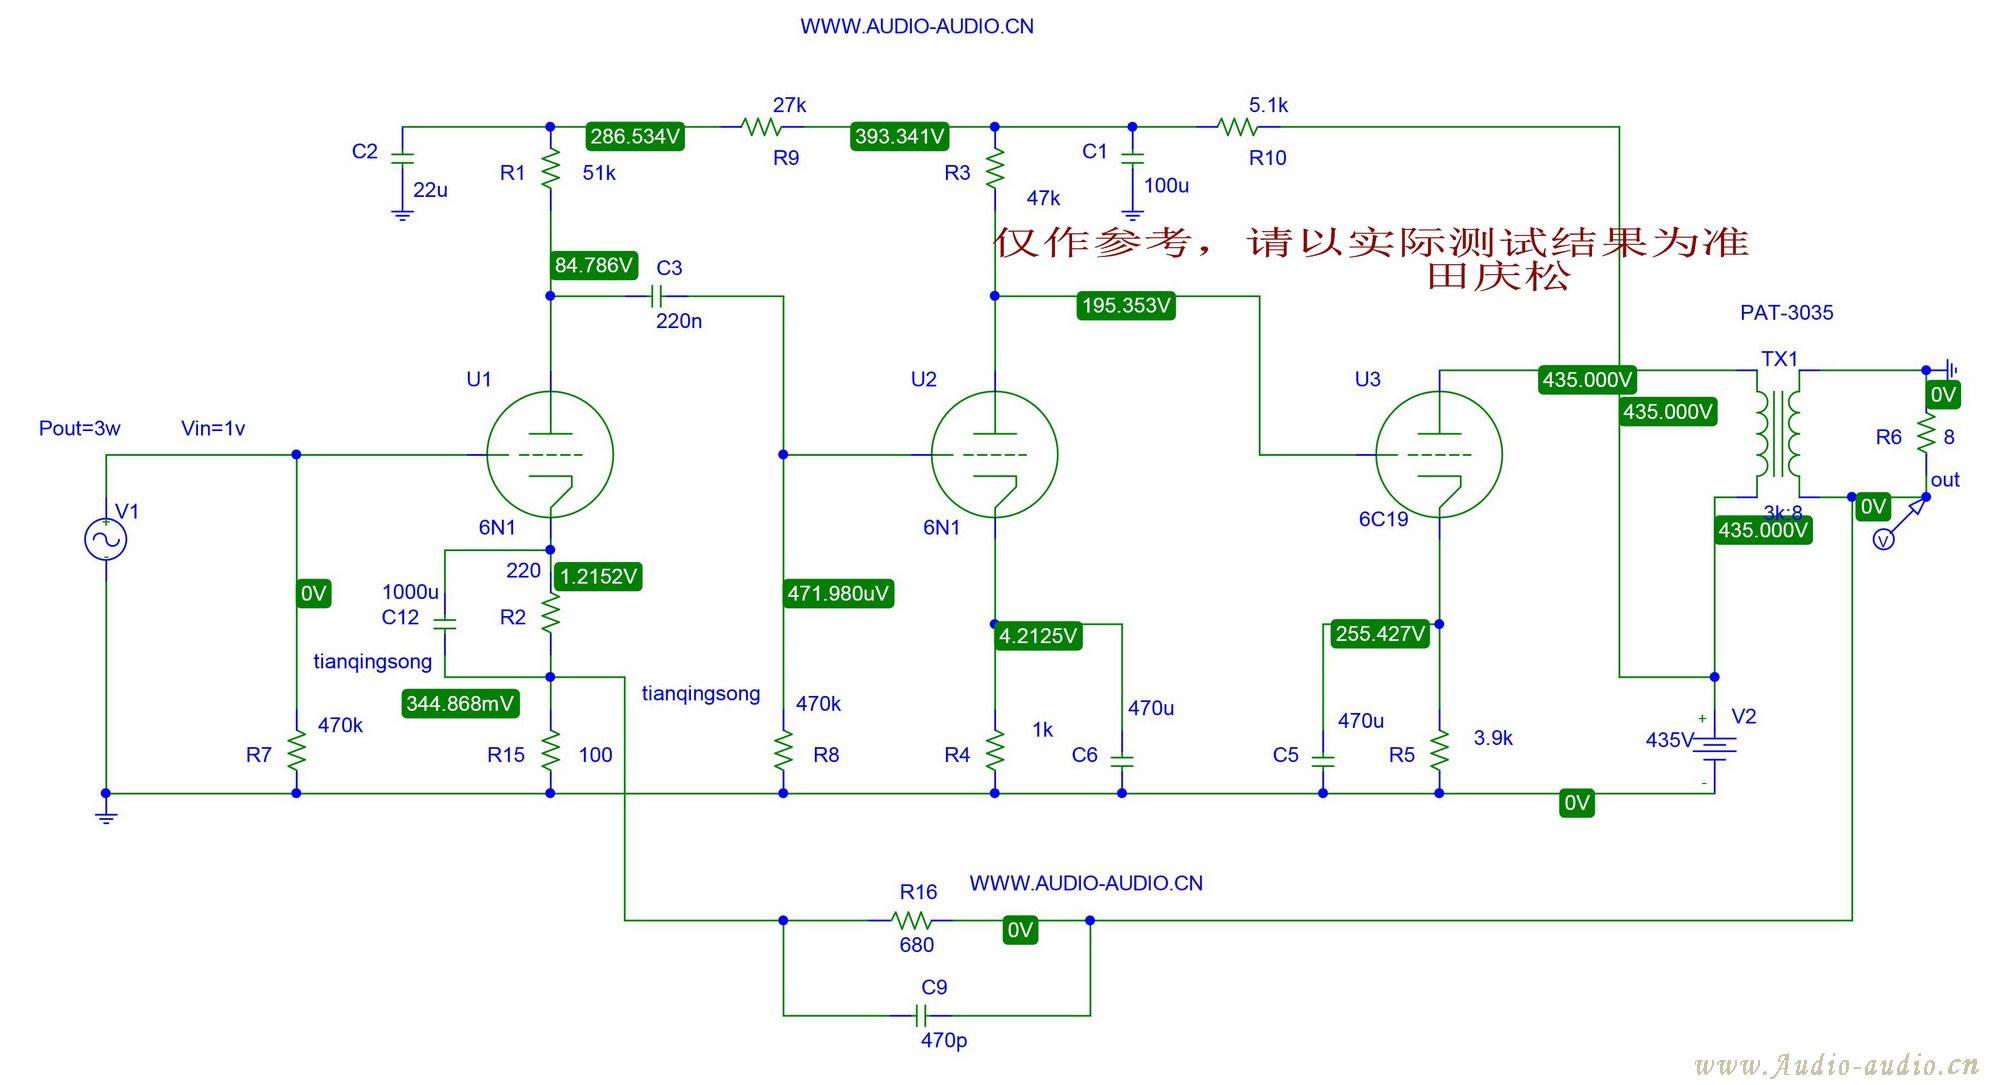 6n1+6n1+6c19电子管胆机单端放大器功放篇